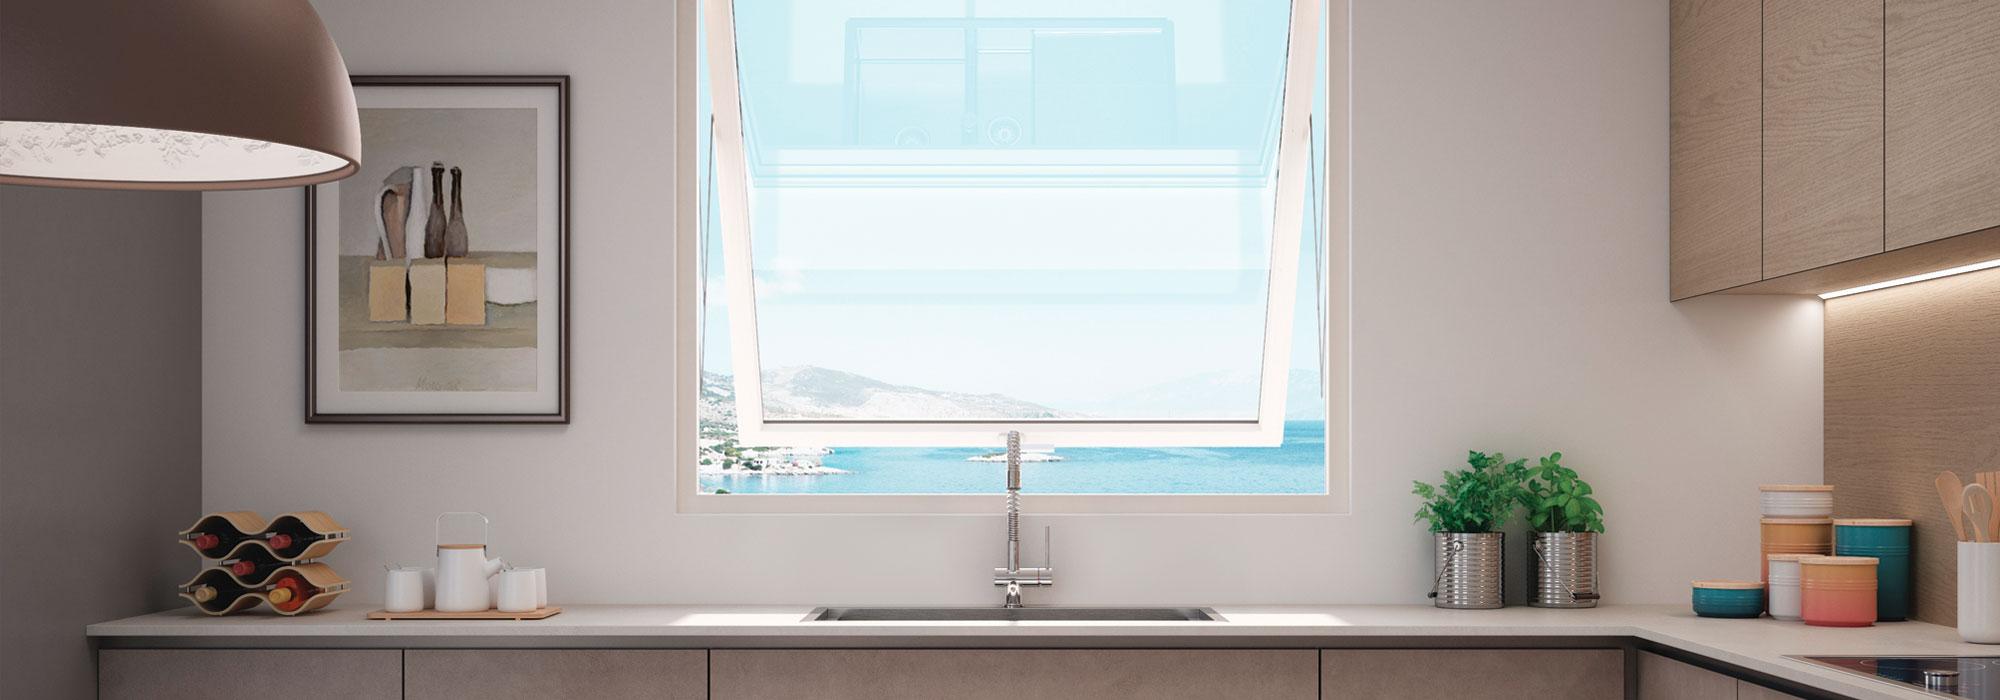 DF-Sistemi-Serramenti-e-Porte-Cucina-con-finestra-Prolux-Swing-di-Oknoplast-home